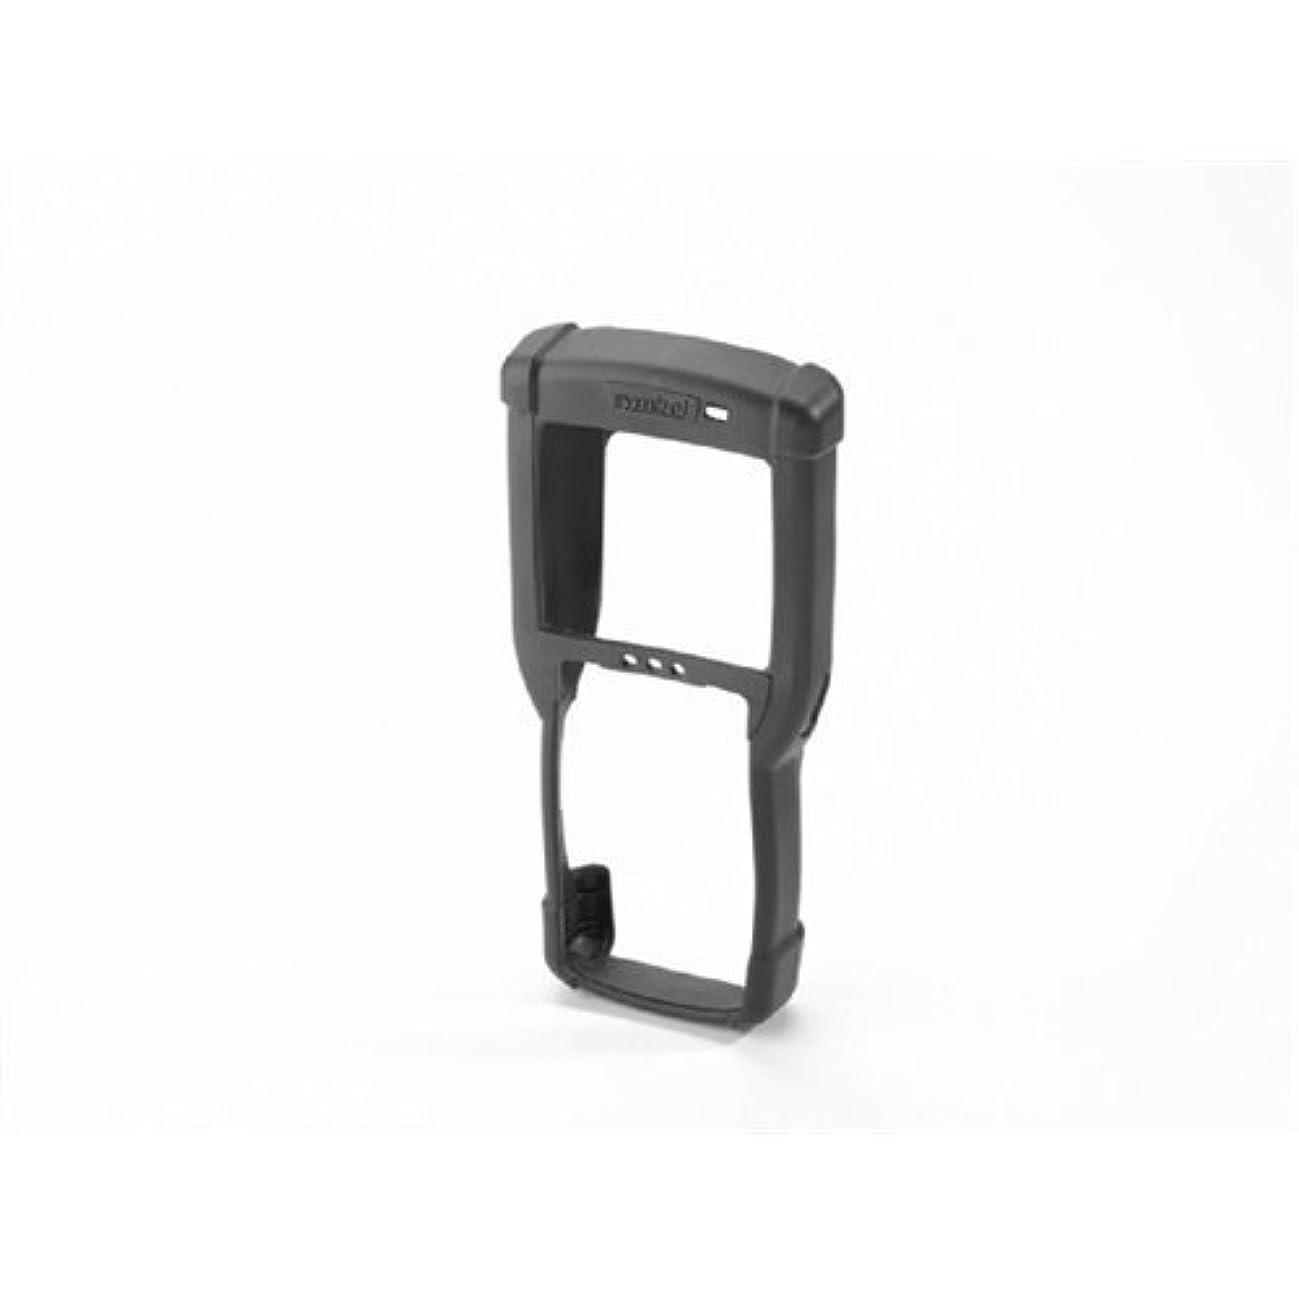 ステッチステッチ経験Zebra Enterprise ST6081 Rubber Boot Standard Back for Omnii XT15 Mobile Computer Gray [並行輸入品]